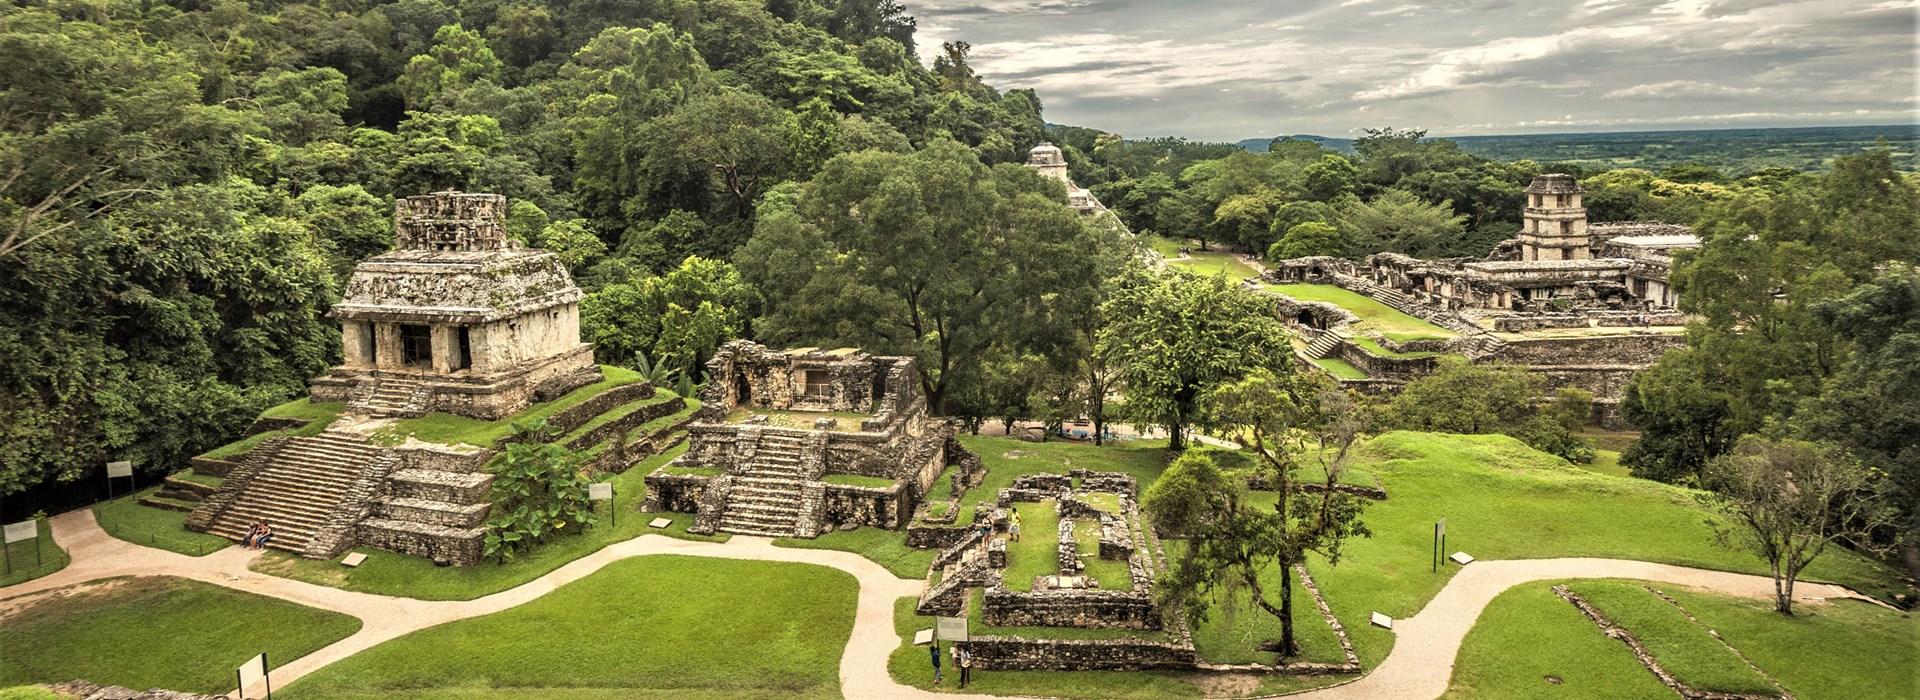 Mexique site de rencontre gratuit